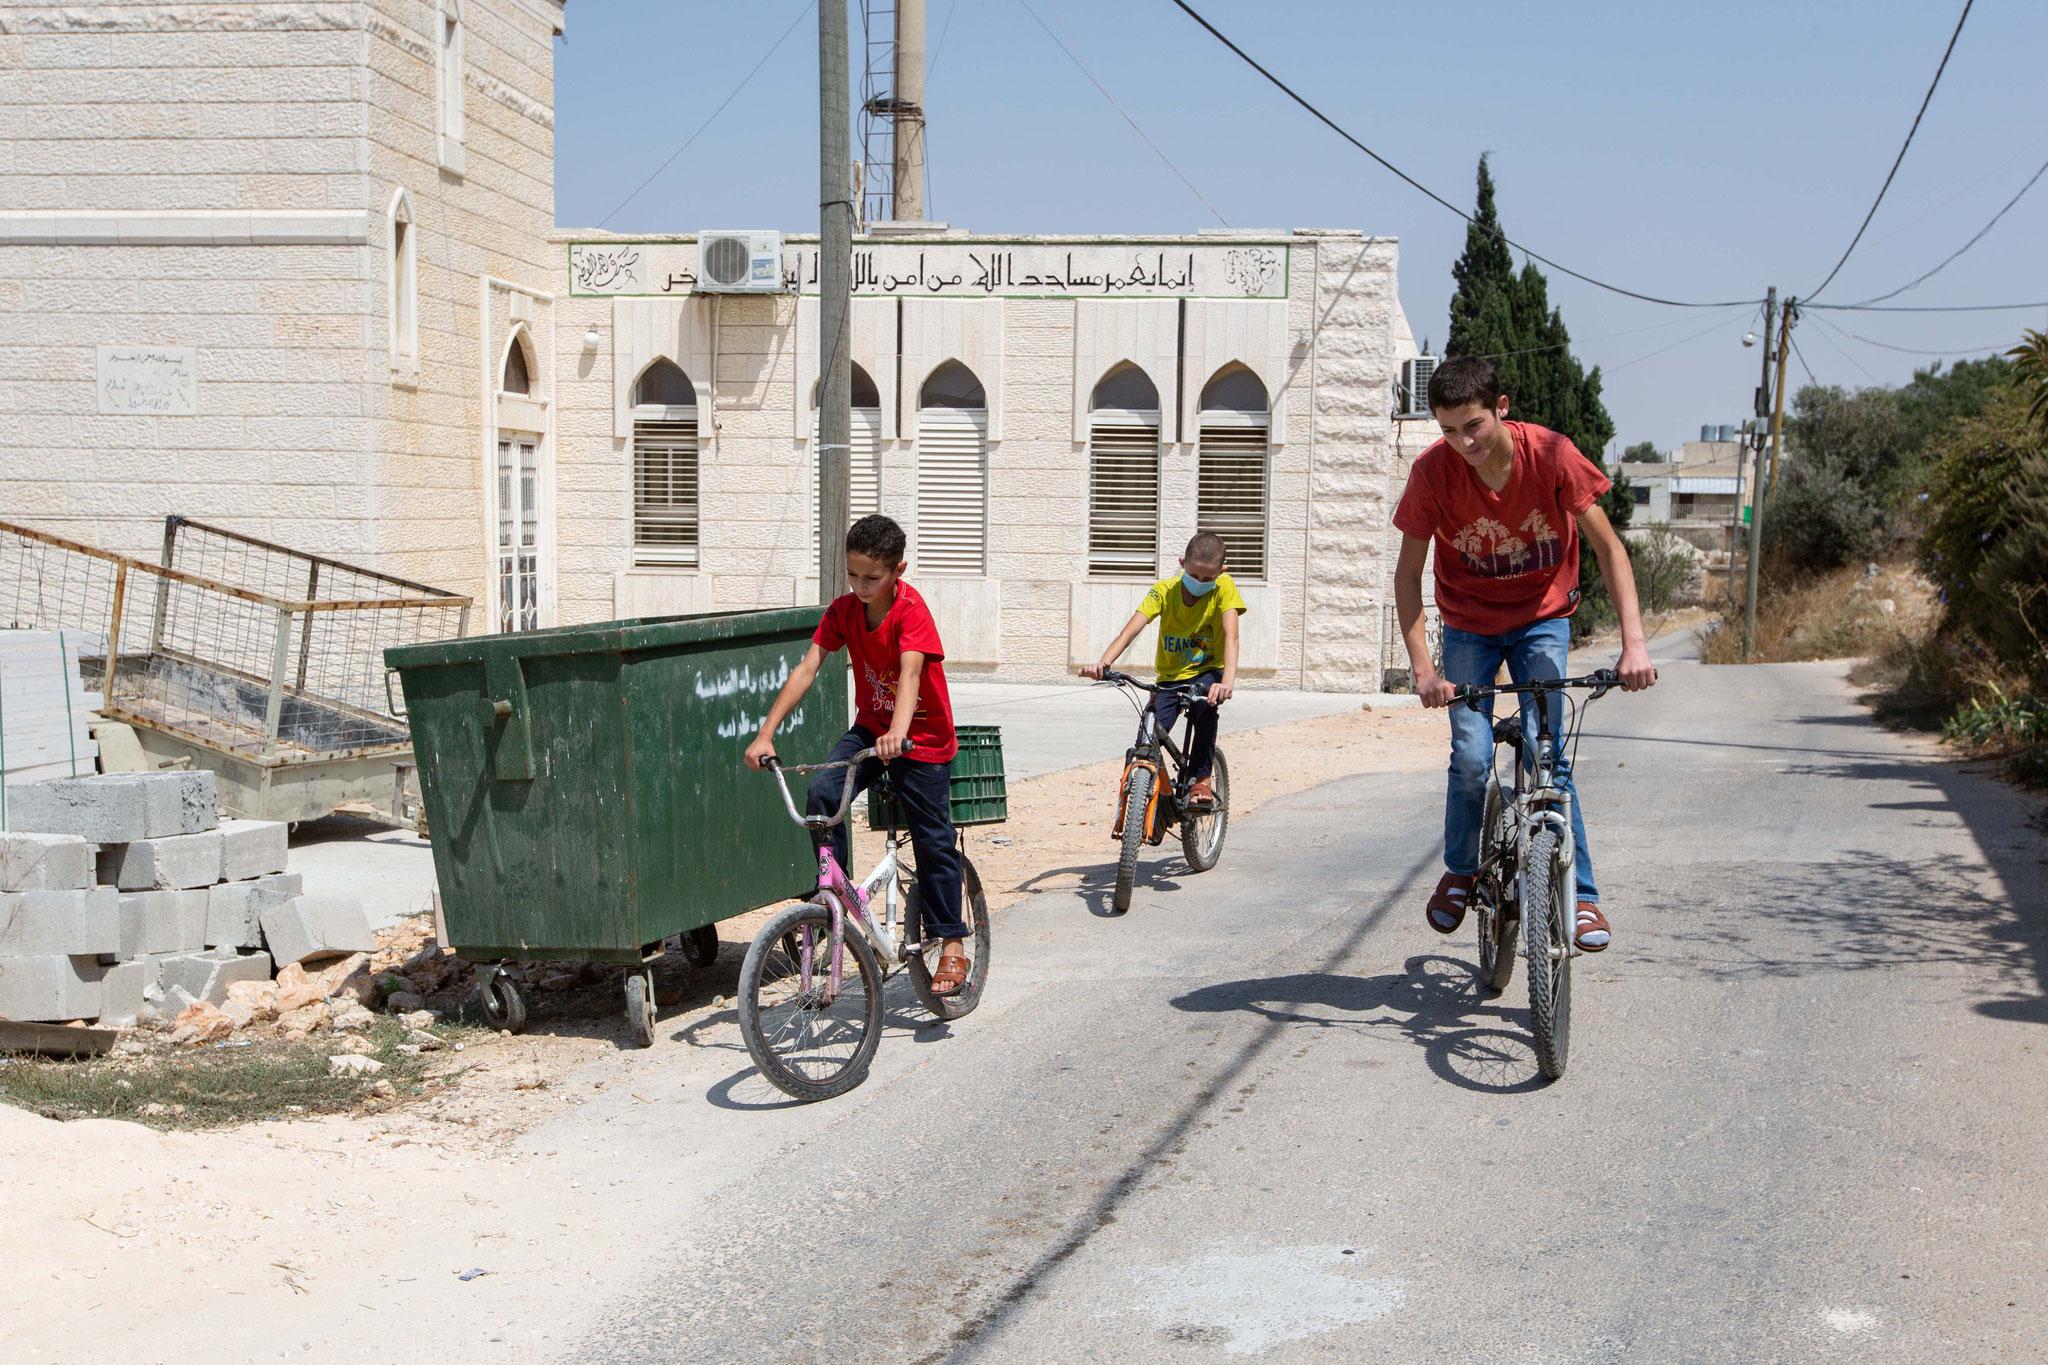 Am liebsten sind die Brüder mit ihren Fahrrädern unterwegs. Foto: Andrea Krogmann